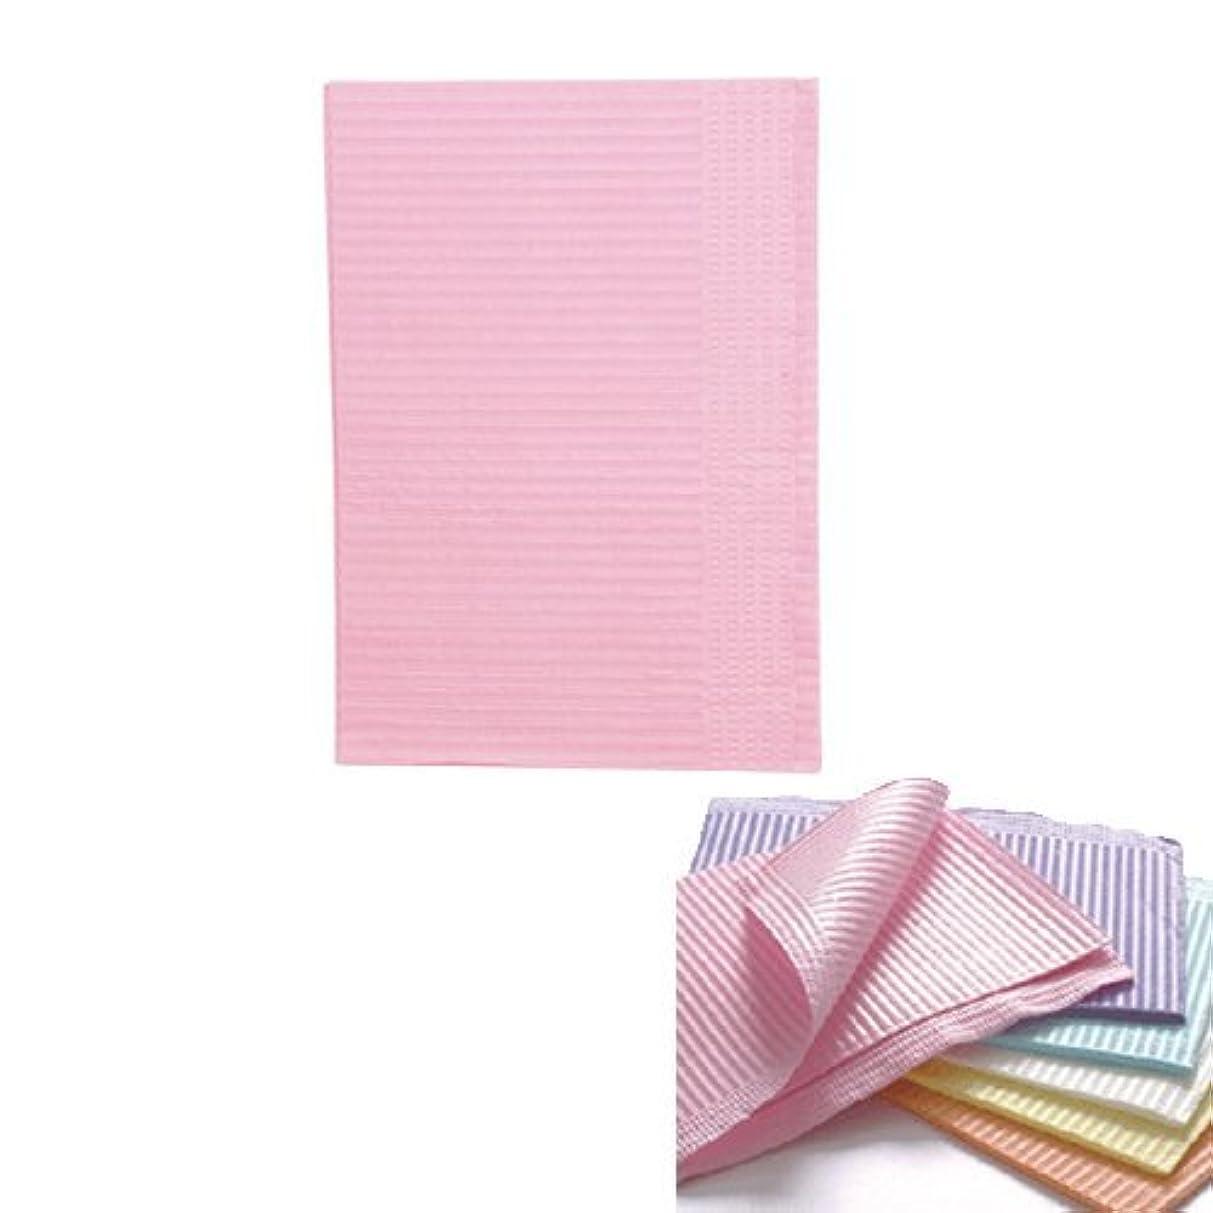 ネックレットリップ起きてネイル 防水ペーパー/裏面防水ネイルシート 50枚 ピンク